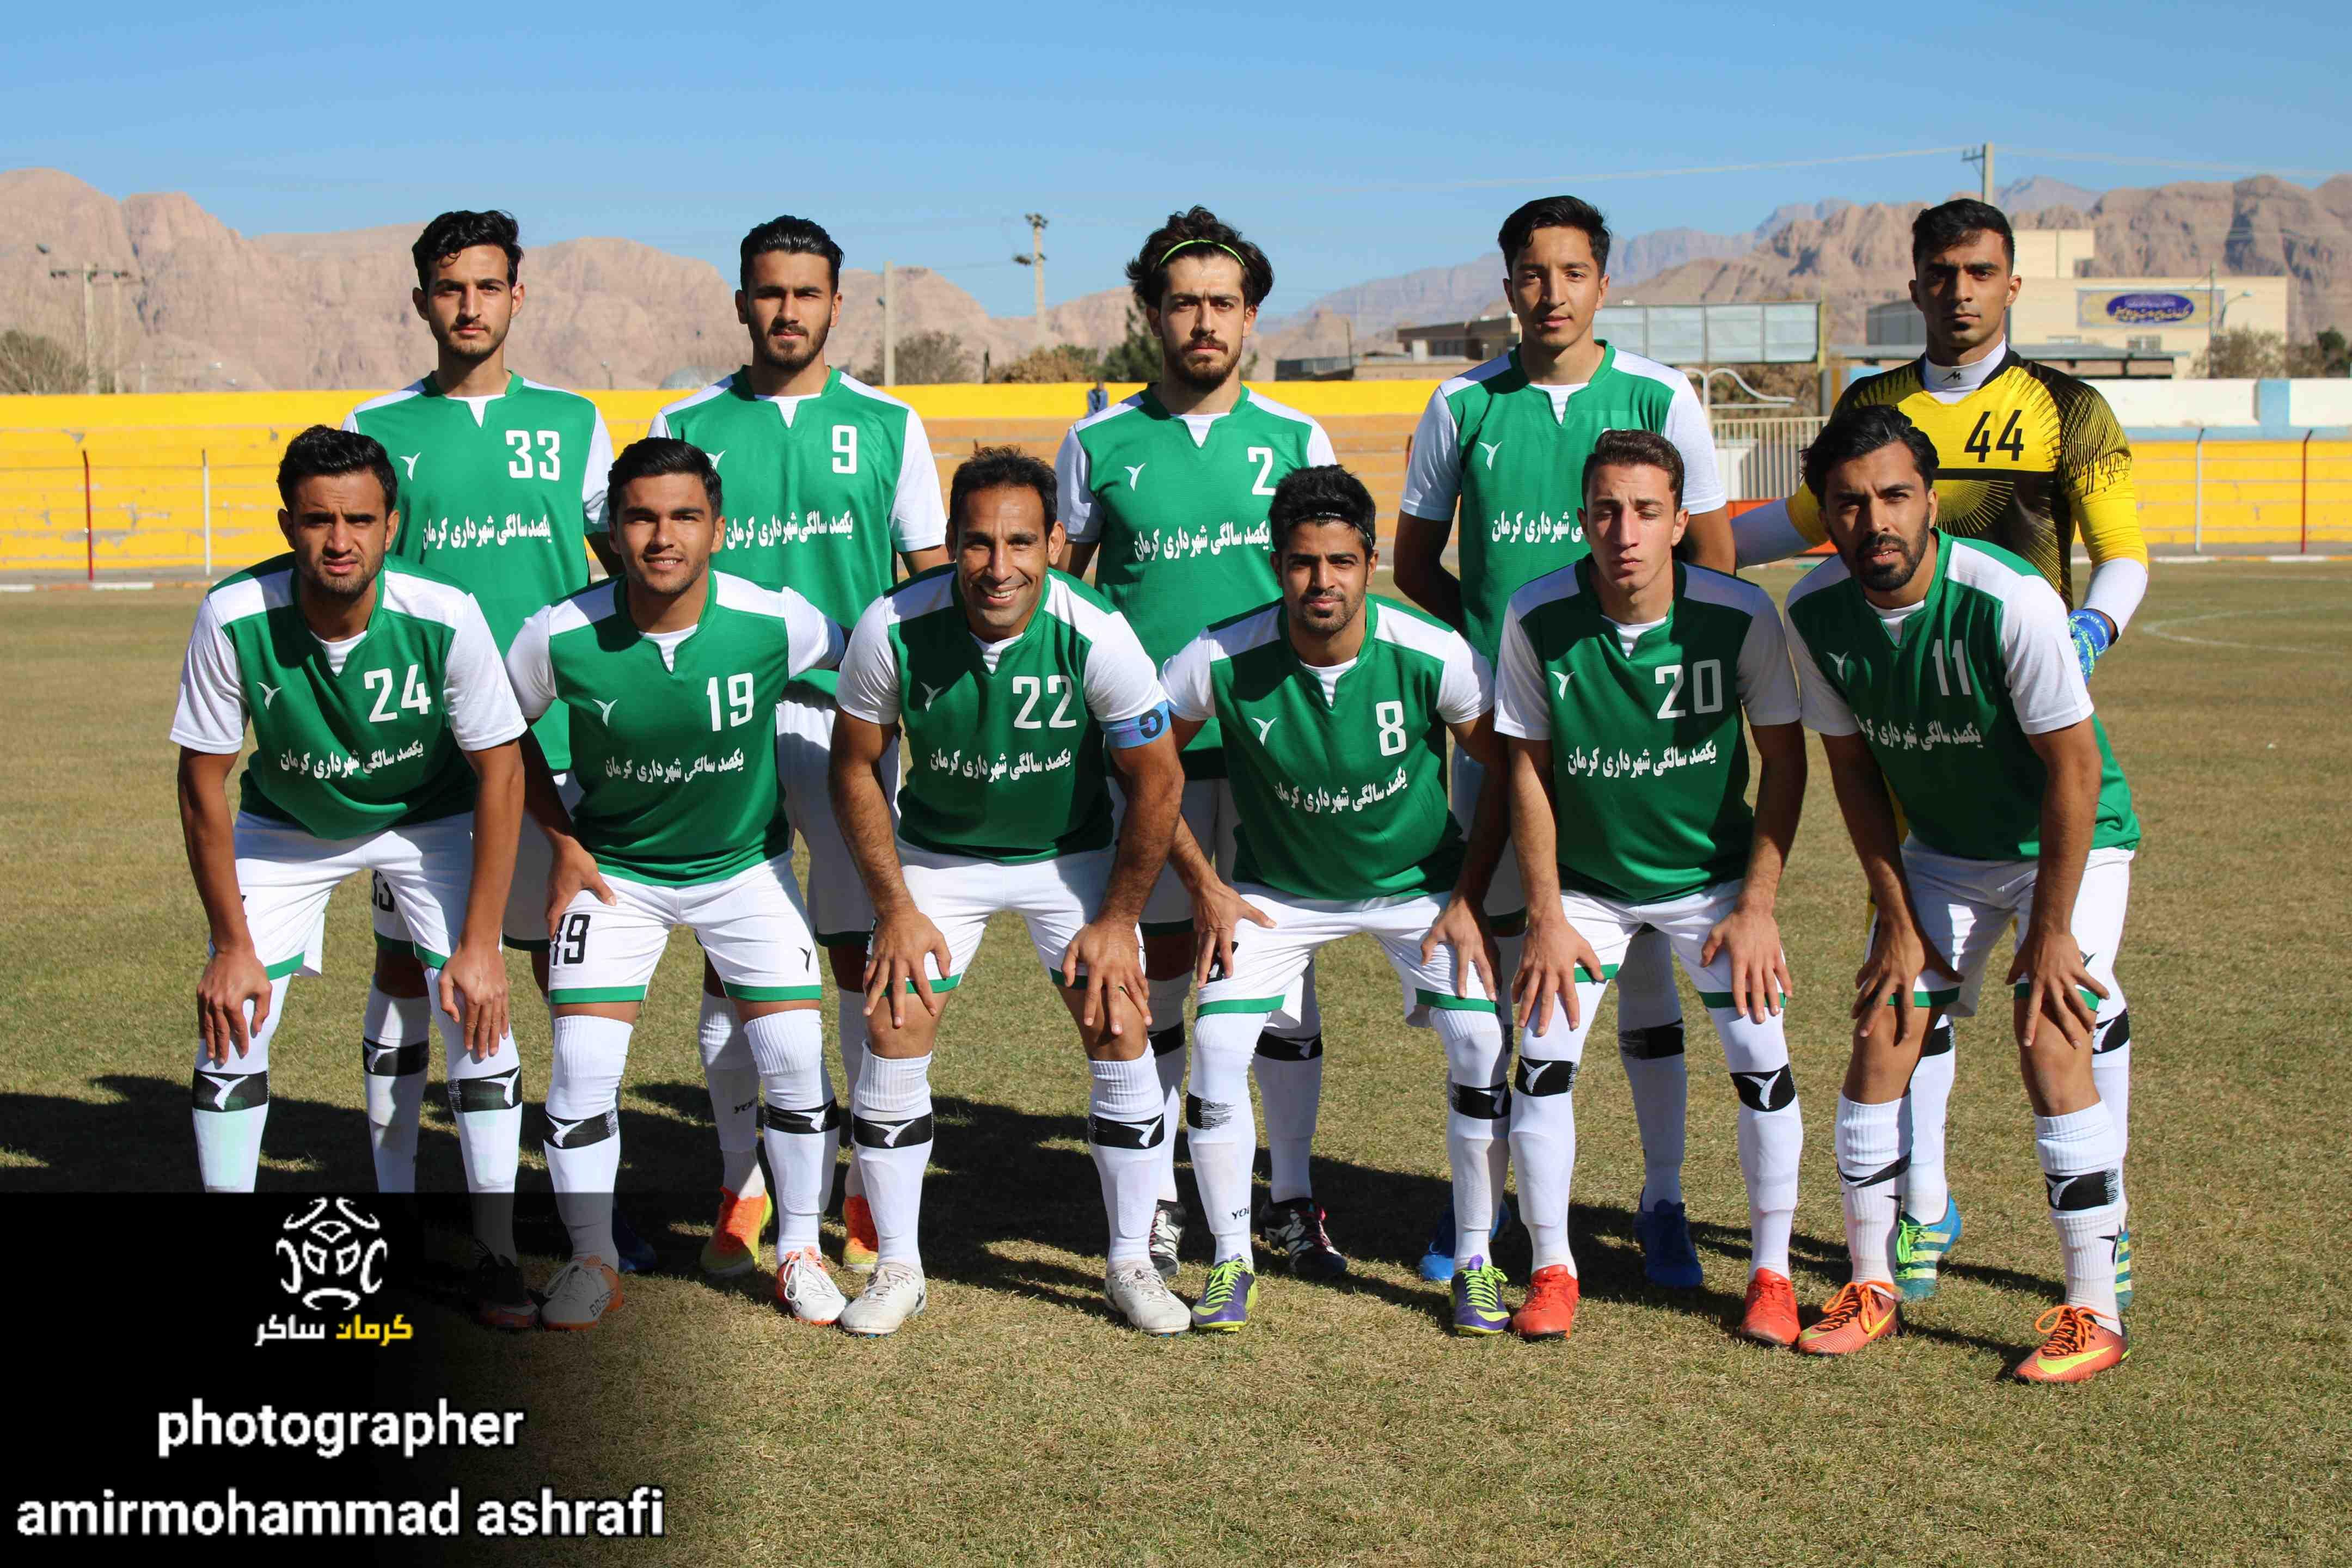 گزارش تصویری:هفته سوم لیگ دسته سوم کشور/مشیز کرمان- سنگ آهن بافق از دریچه دوربین امیرمحمد اشرفی